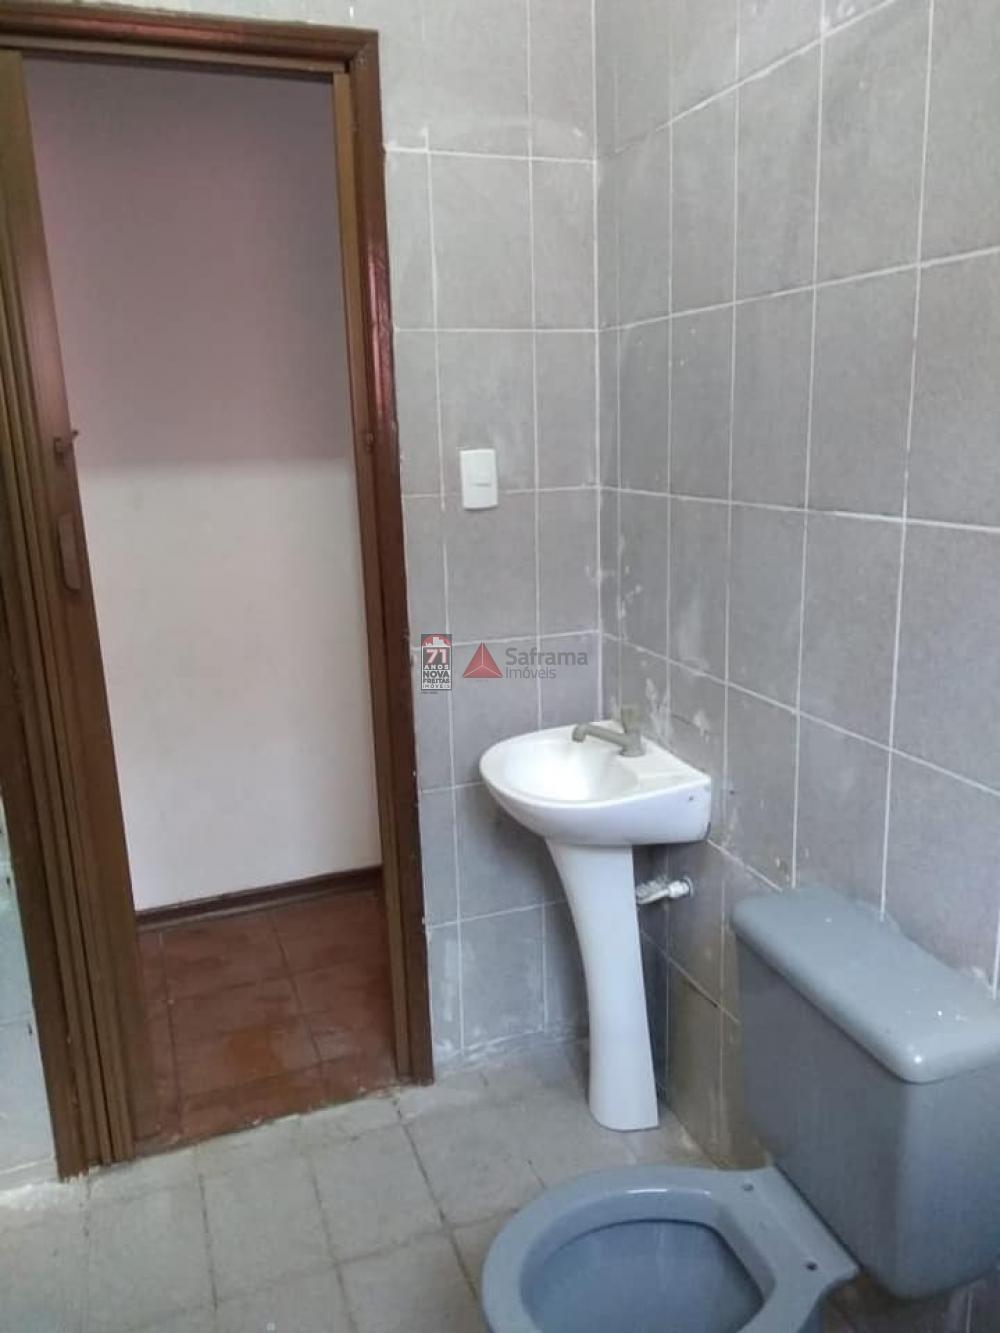 Comprar Casa / Padrão em São José dos Campos apenas R$ 210.000,00 - Foto 10